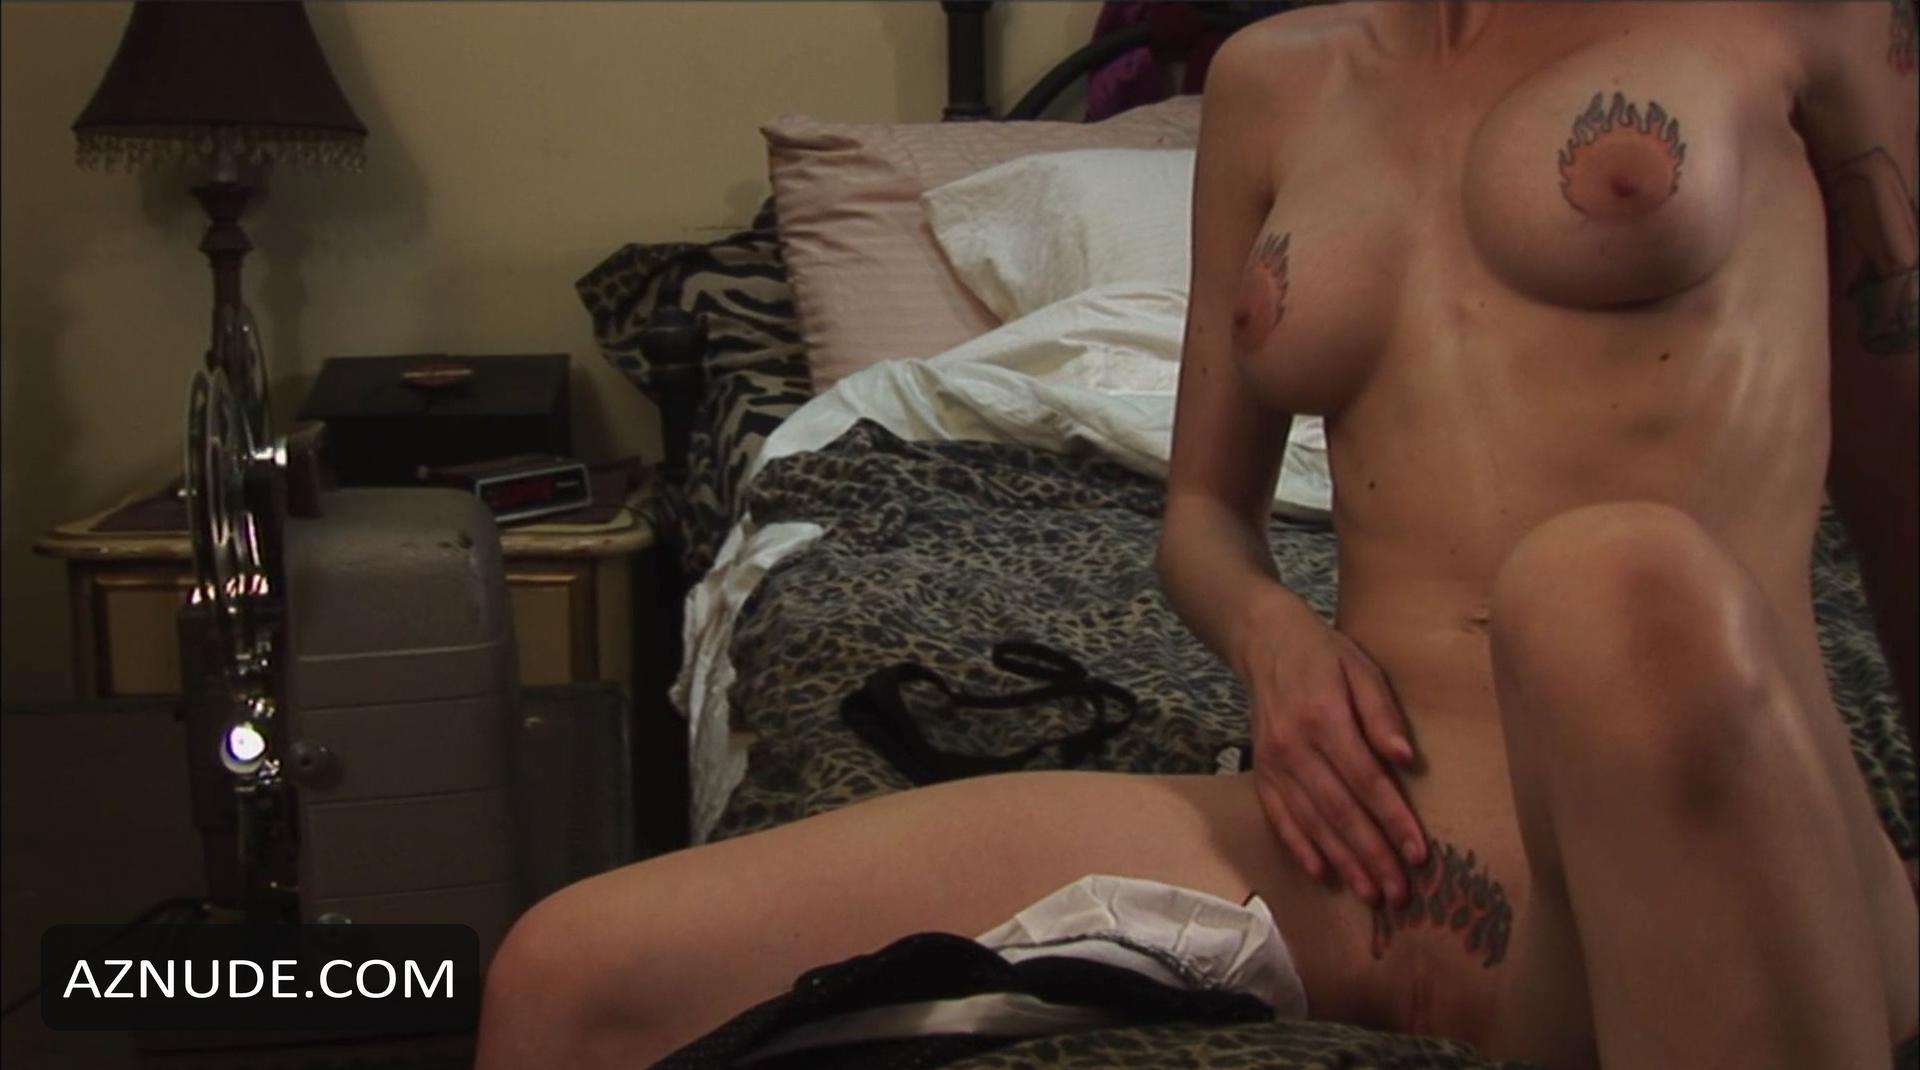 Lauren adams nude scene in night junkies scandalplanetcom - 2 part 9